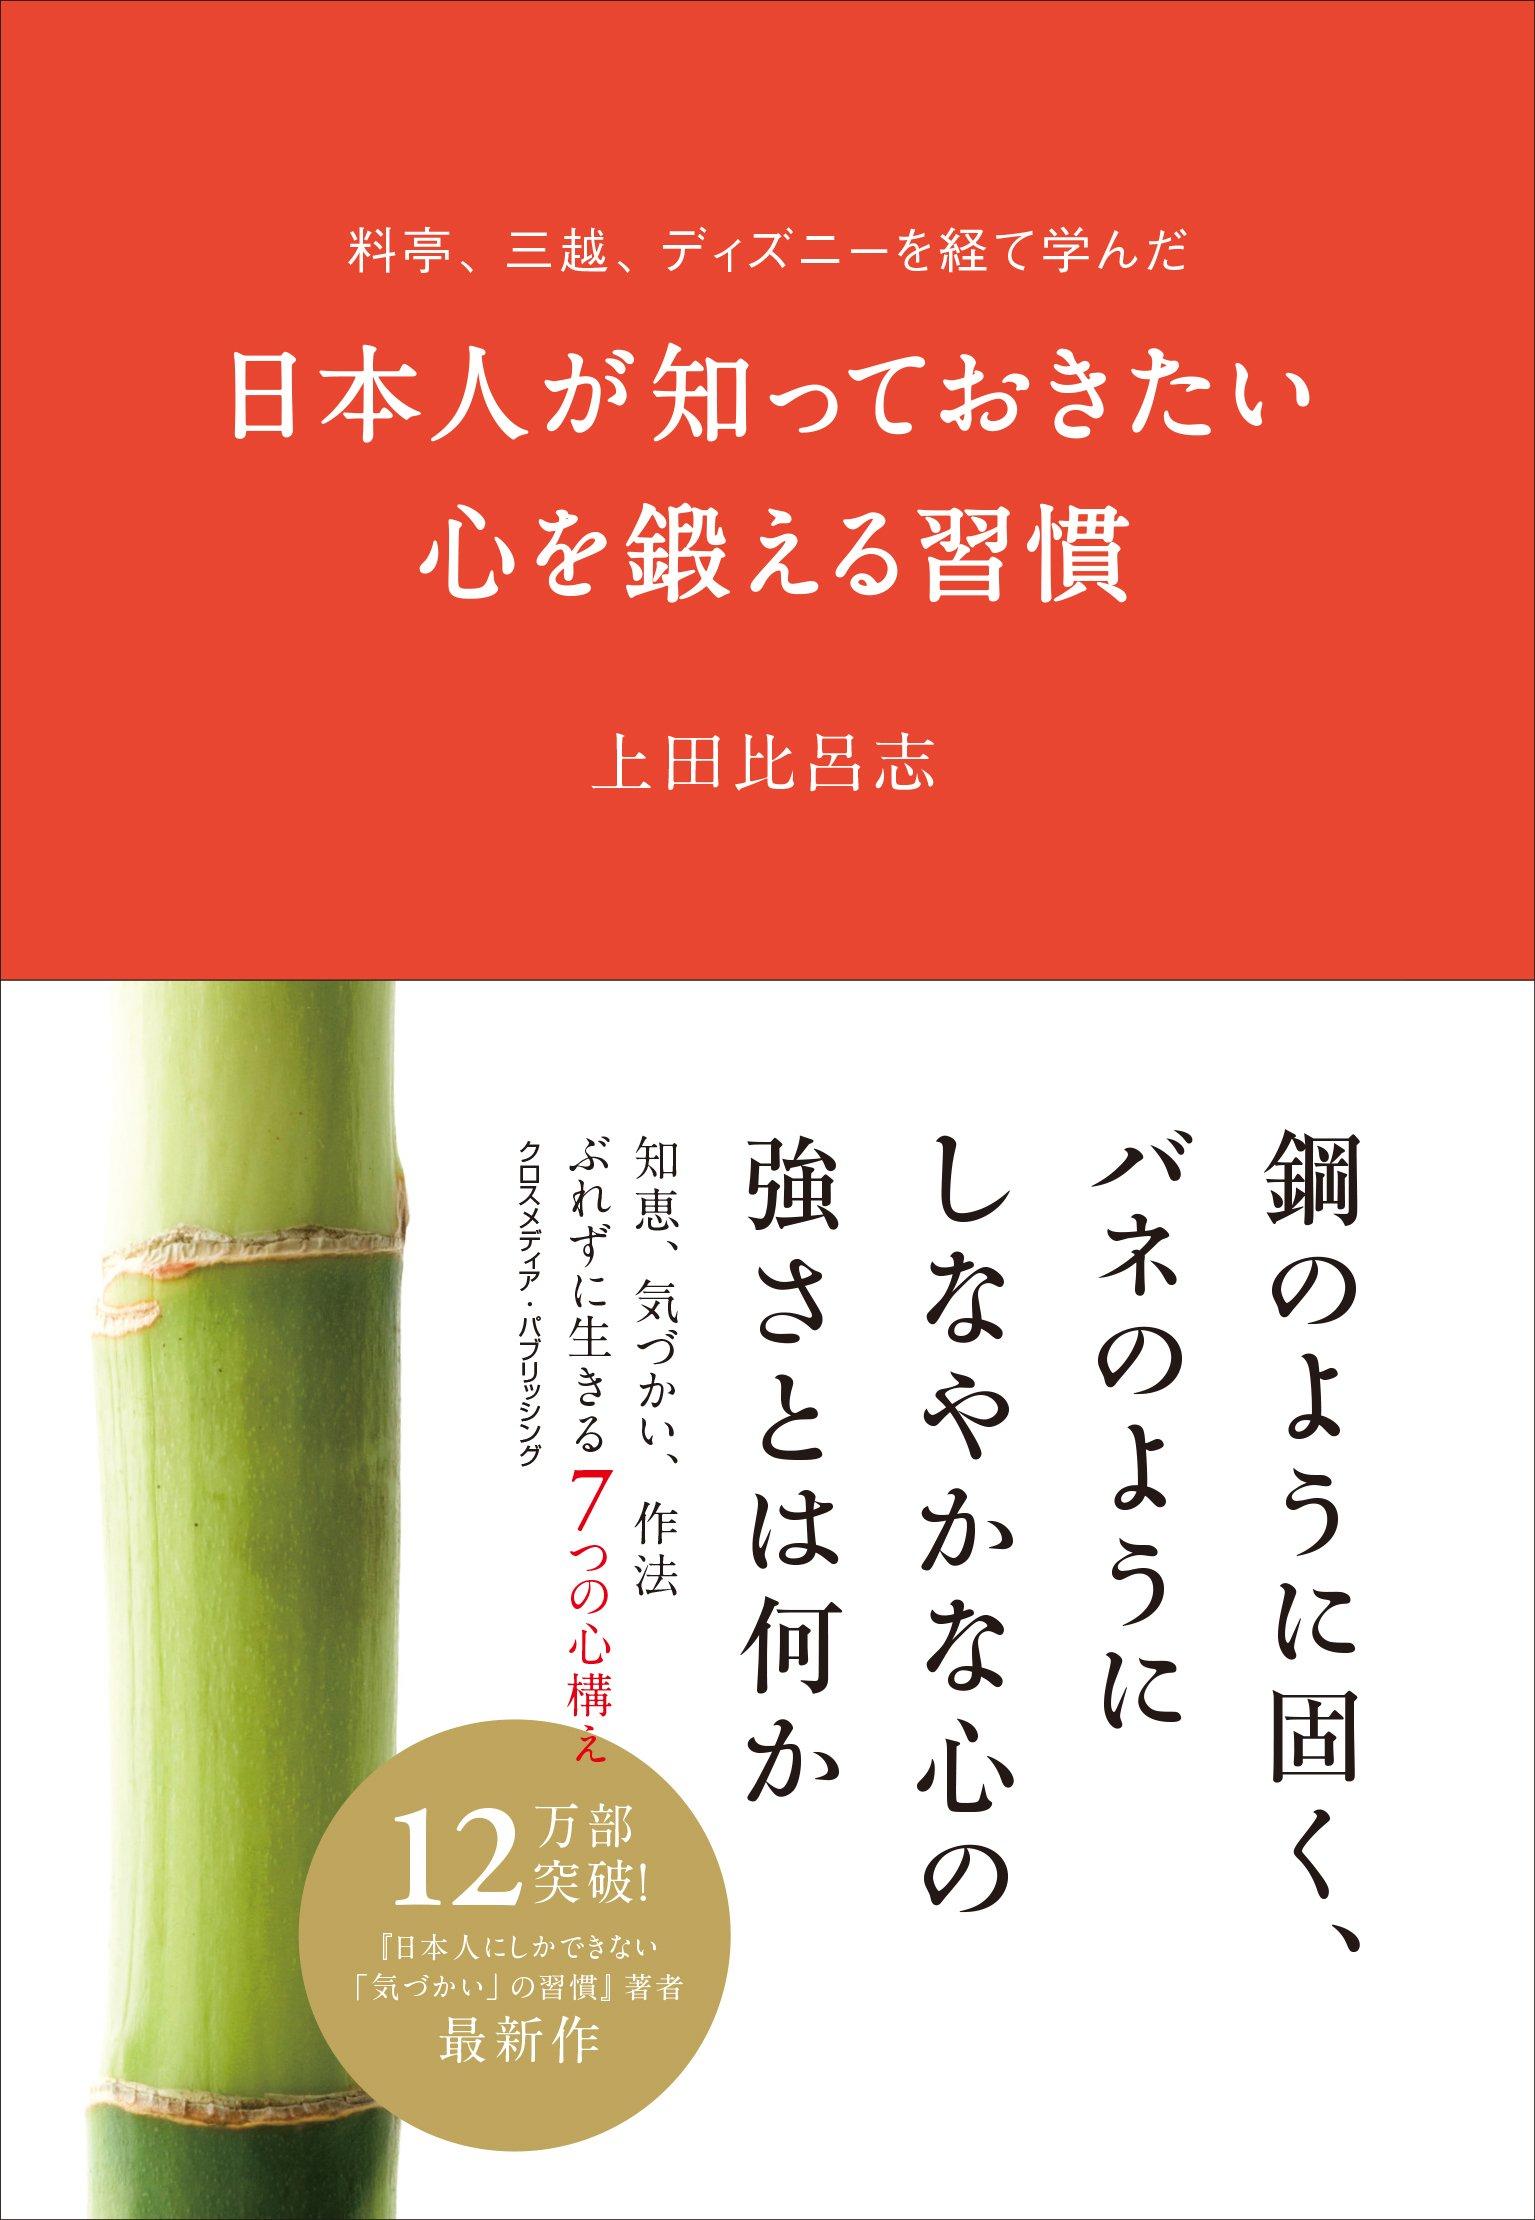 日本人が知っておきたい心を鍛える習慣 上田比呂志